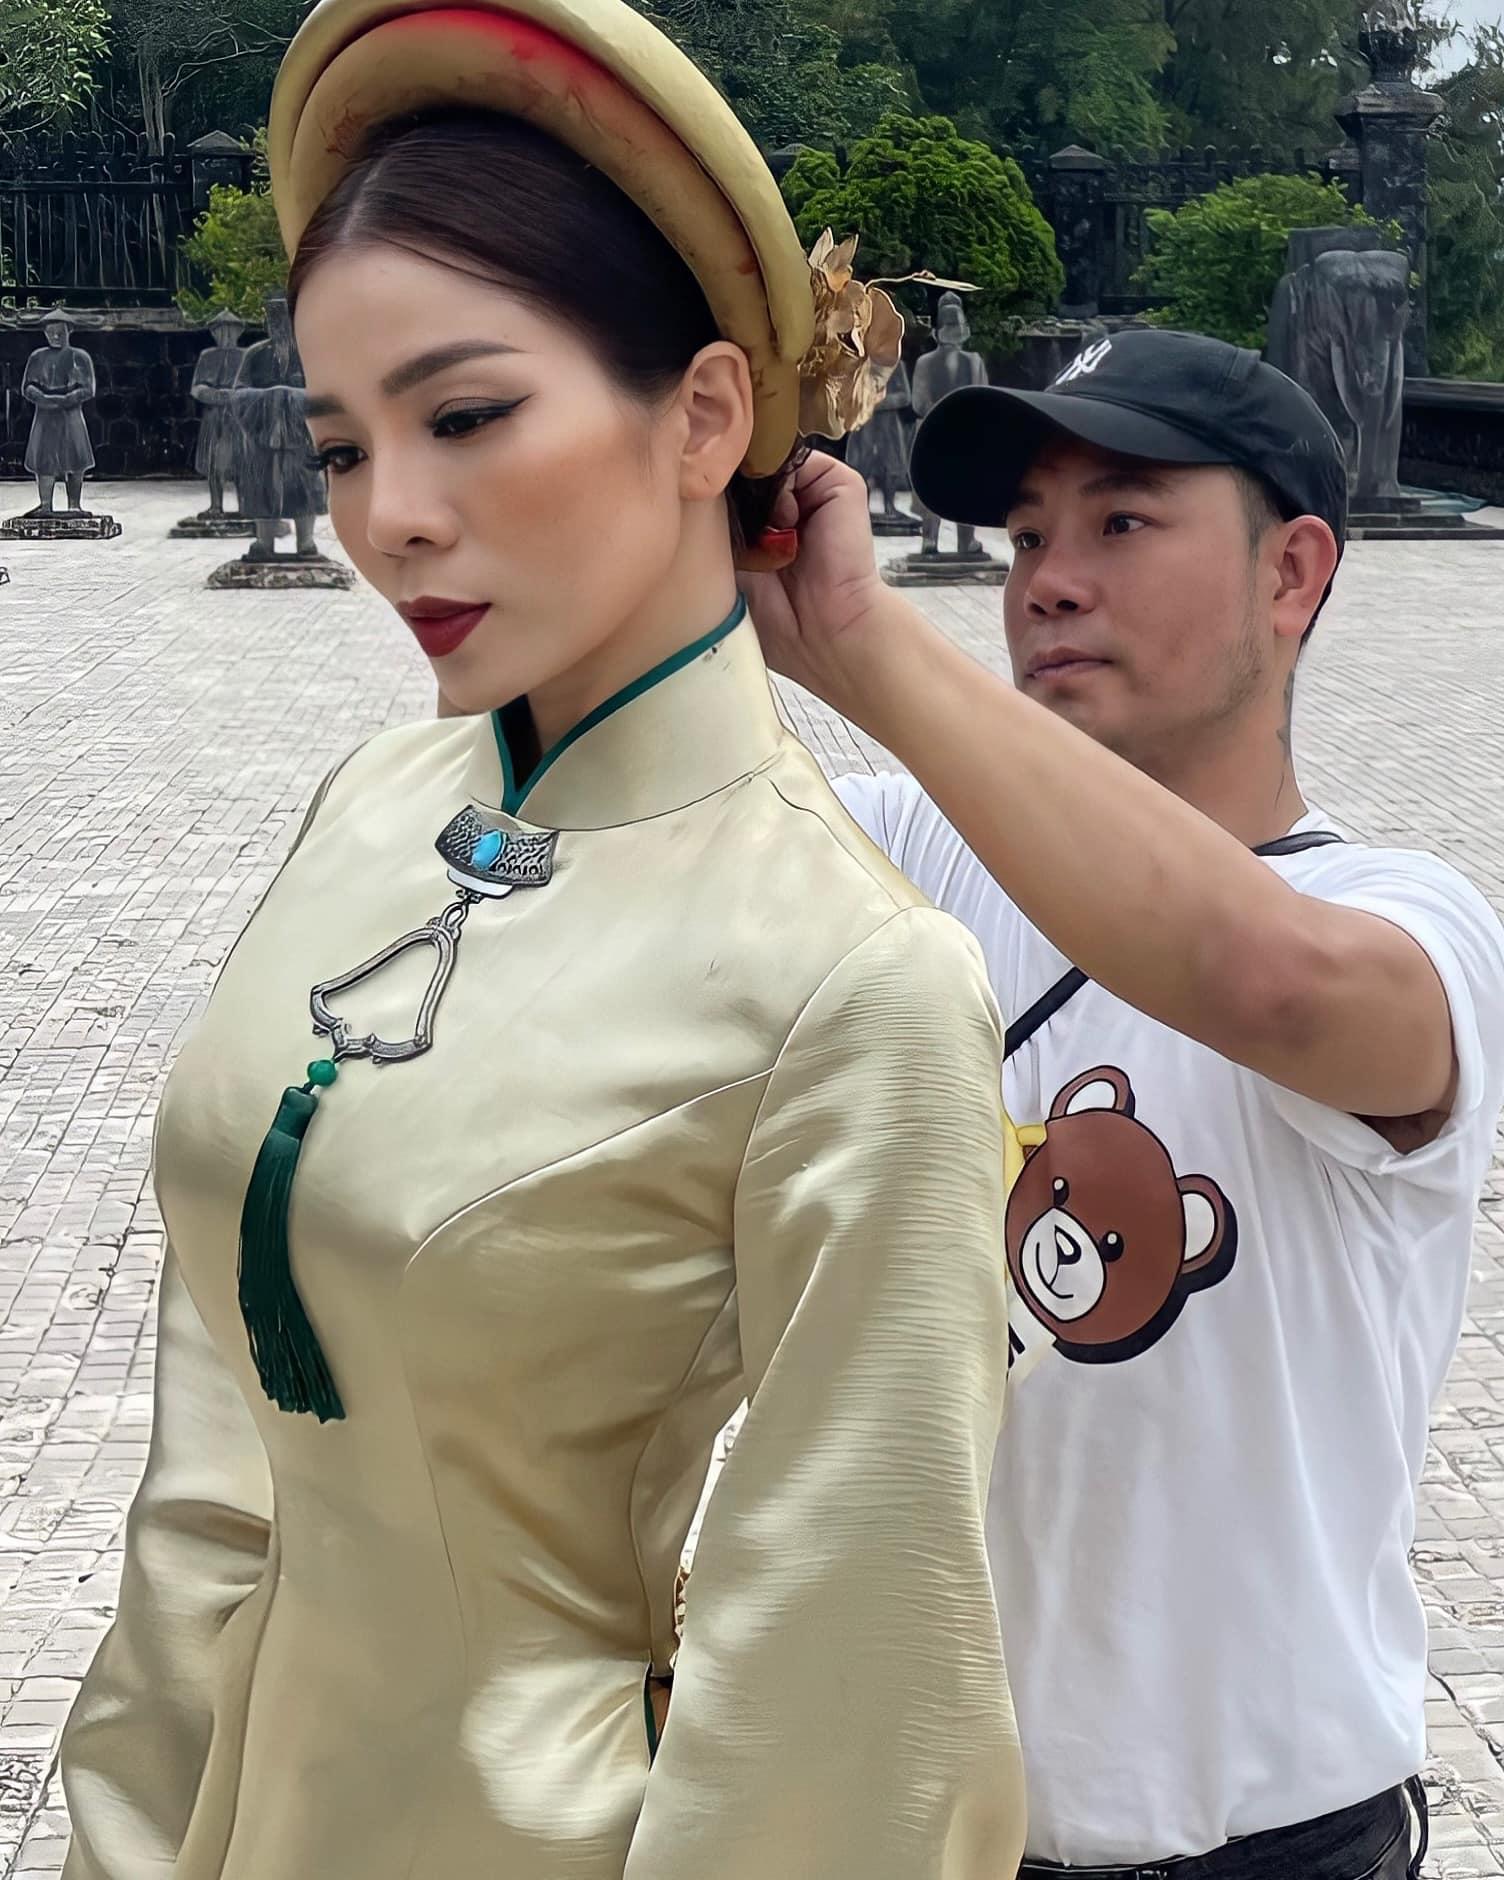 Rò rỉ ảnh Lệ Quyên và Lâm Bảo Châu chụp ảnh áo dài cưới, cặp đôi chuẩn bị kết hôn? - Ảnh 2